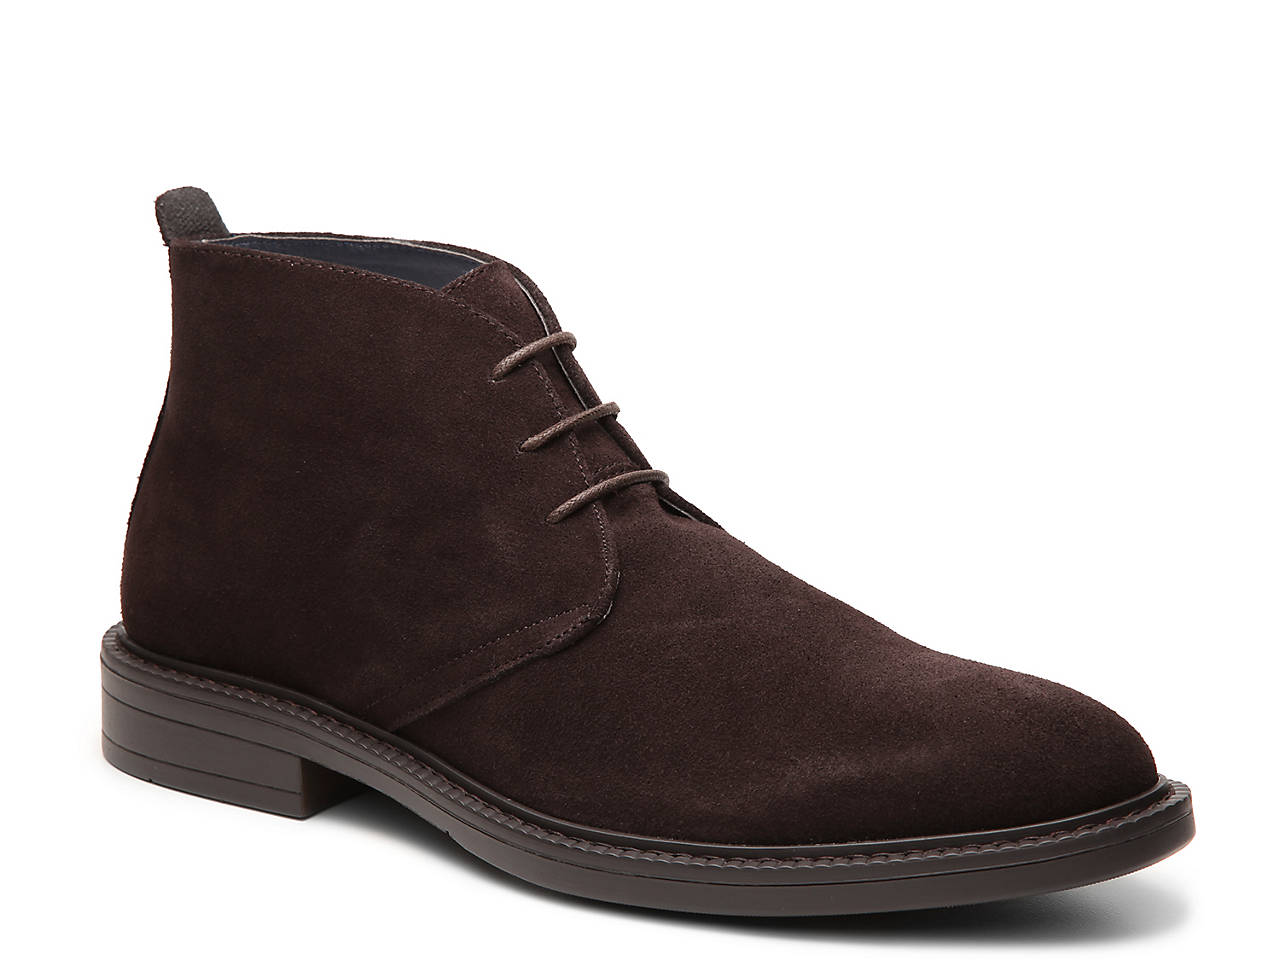 FOOTWEAR - Boots Joseph mq3Hl5jk